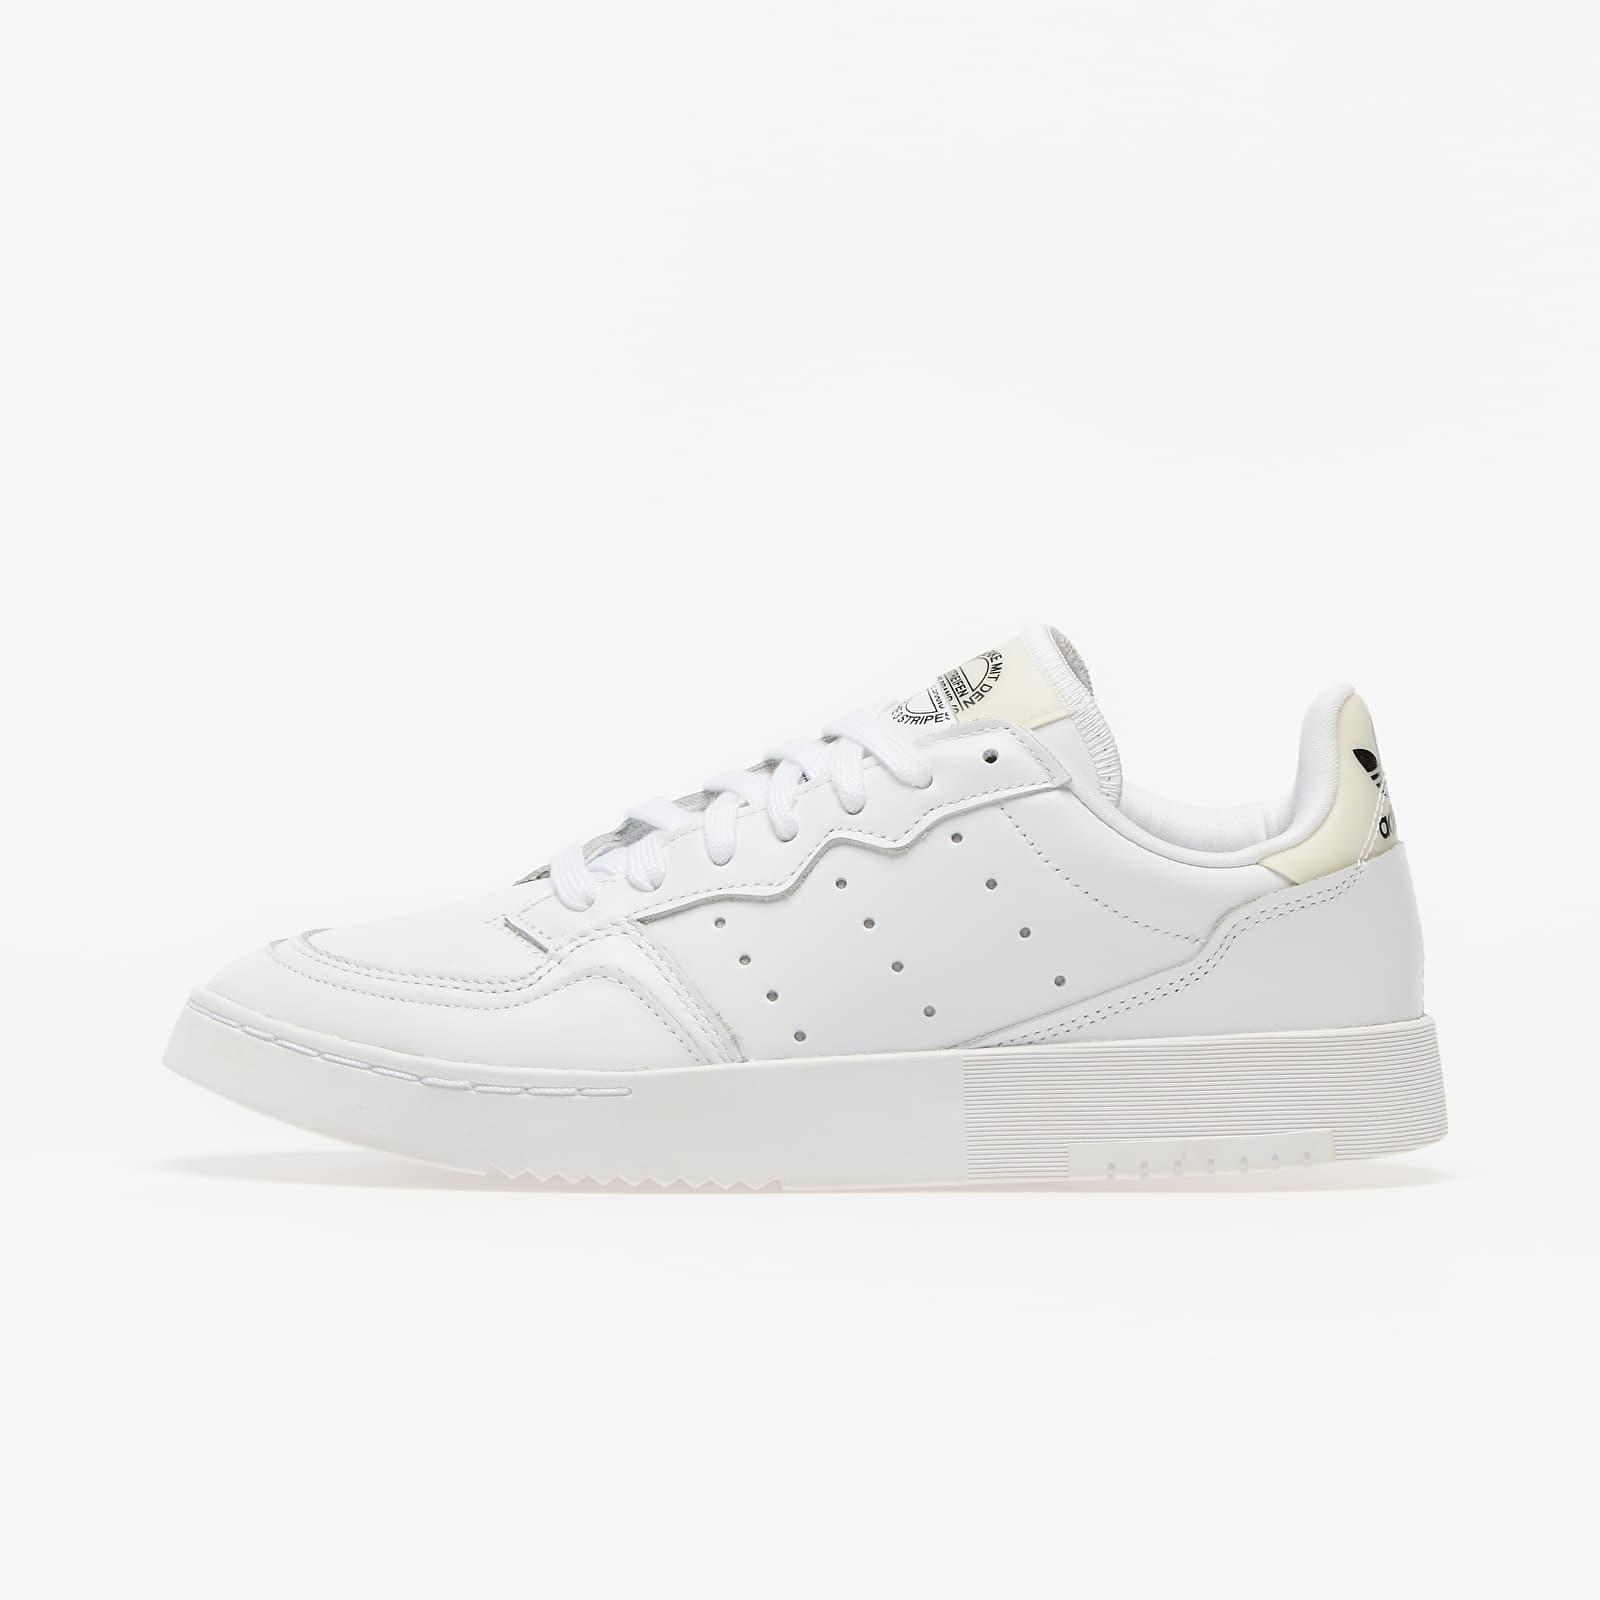 adidas Supercourt W Ftw White/ Off White/ Core Black EUR 38